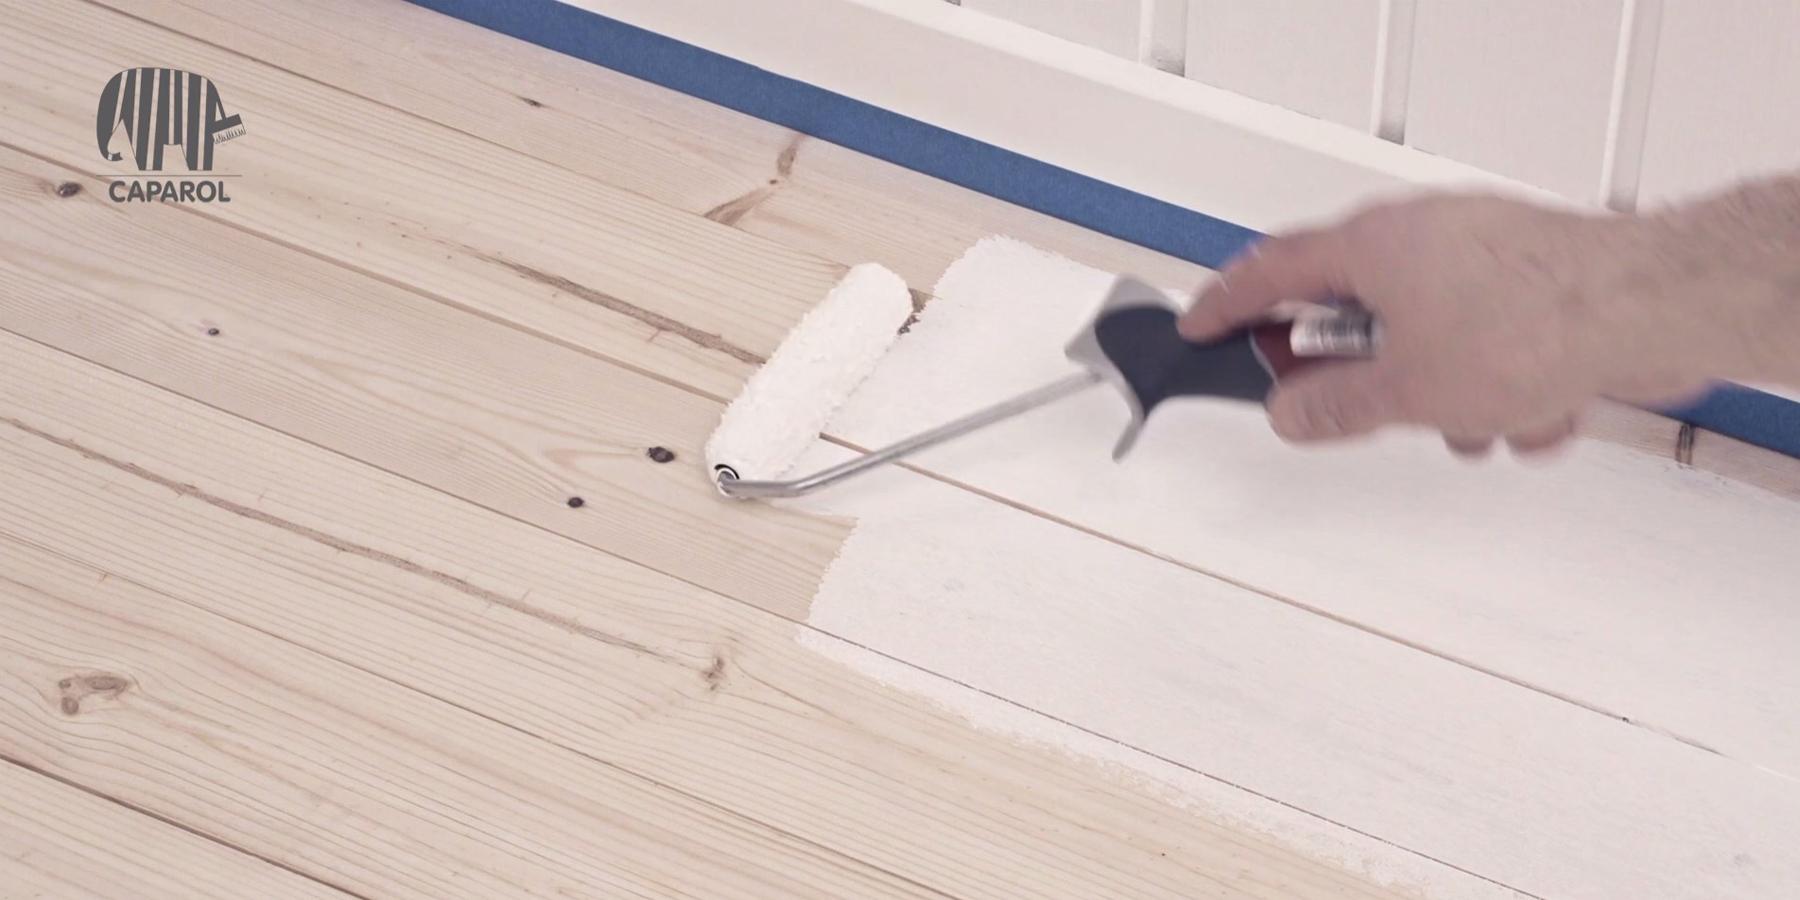 Välj rätt målarfärg när du ska måla trägolv - Caparol : obehandlat furugolv : Inredning